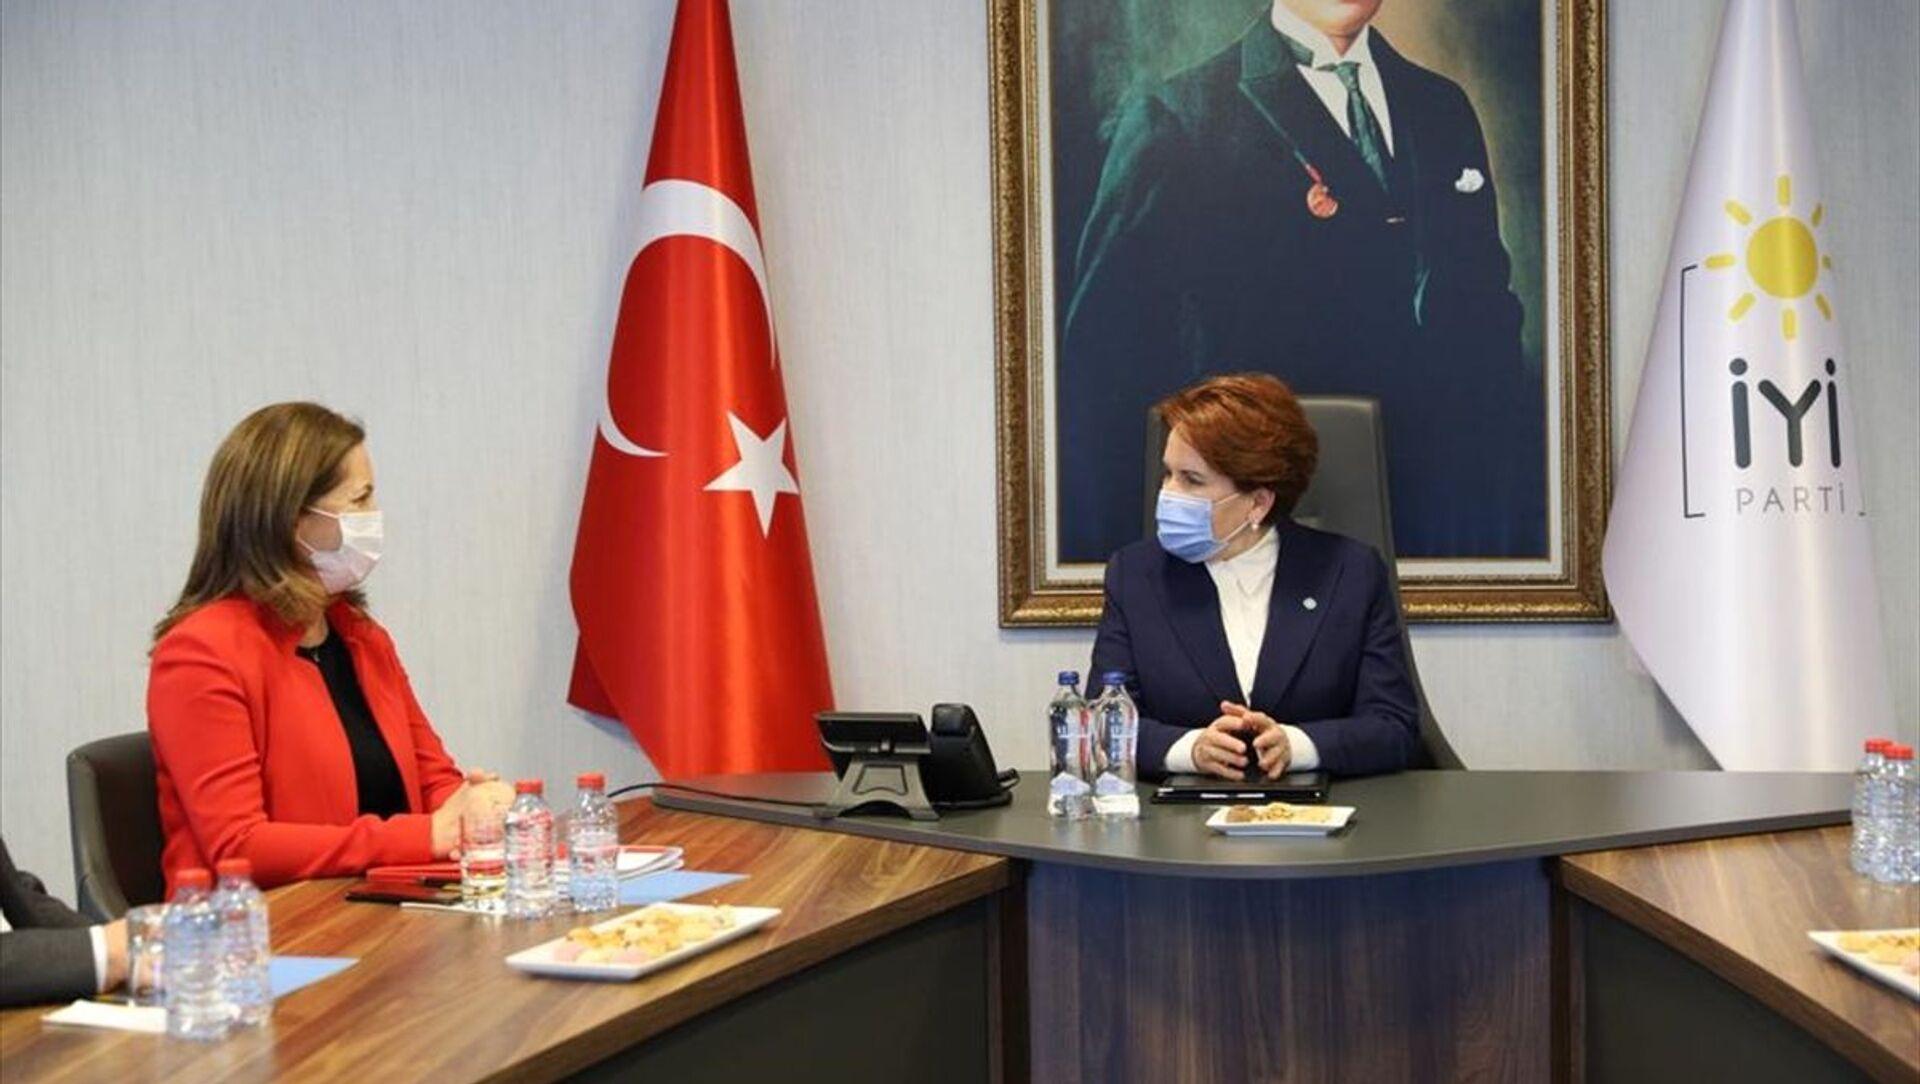 DİSK Genel Başkanı Arzu Çerkezoğlu ve beraberindeki heyet, İYİ Parti Genel Başkanı Meral Akşener'i ziyaret etti. - Sputnik Türkiye, 1920, 02.02.2021